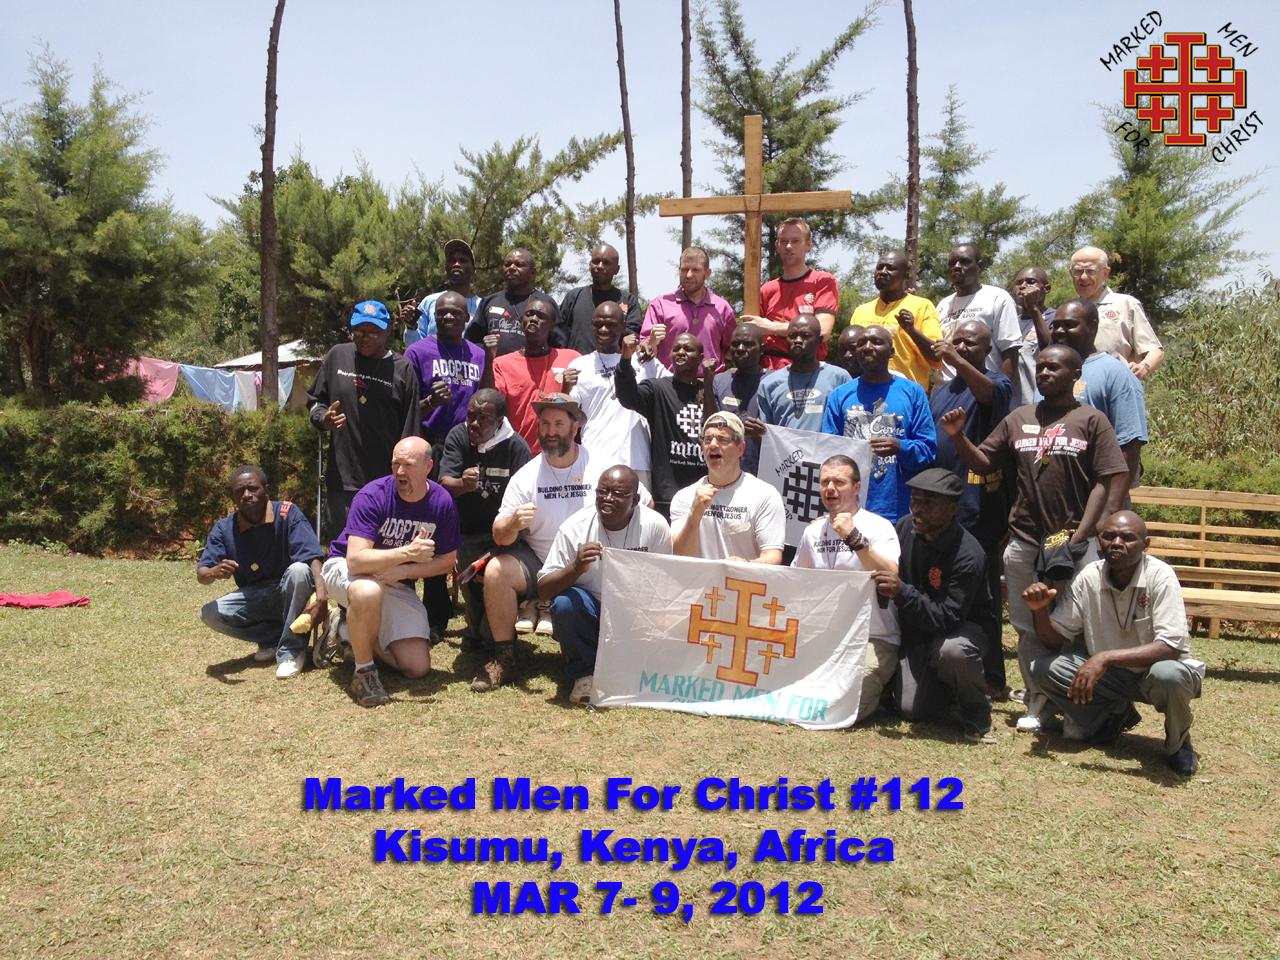 2012-03-MAR-Kenya-Staff.647bf7a5-a2cb-454f-9bd9-adcfa79504f9